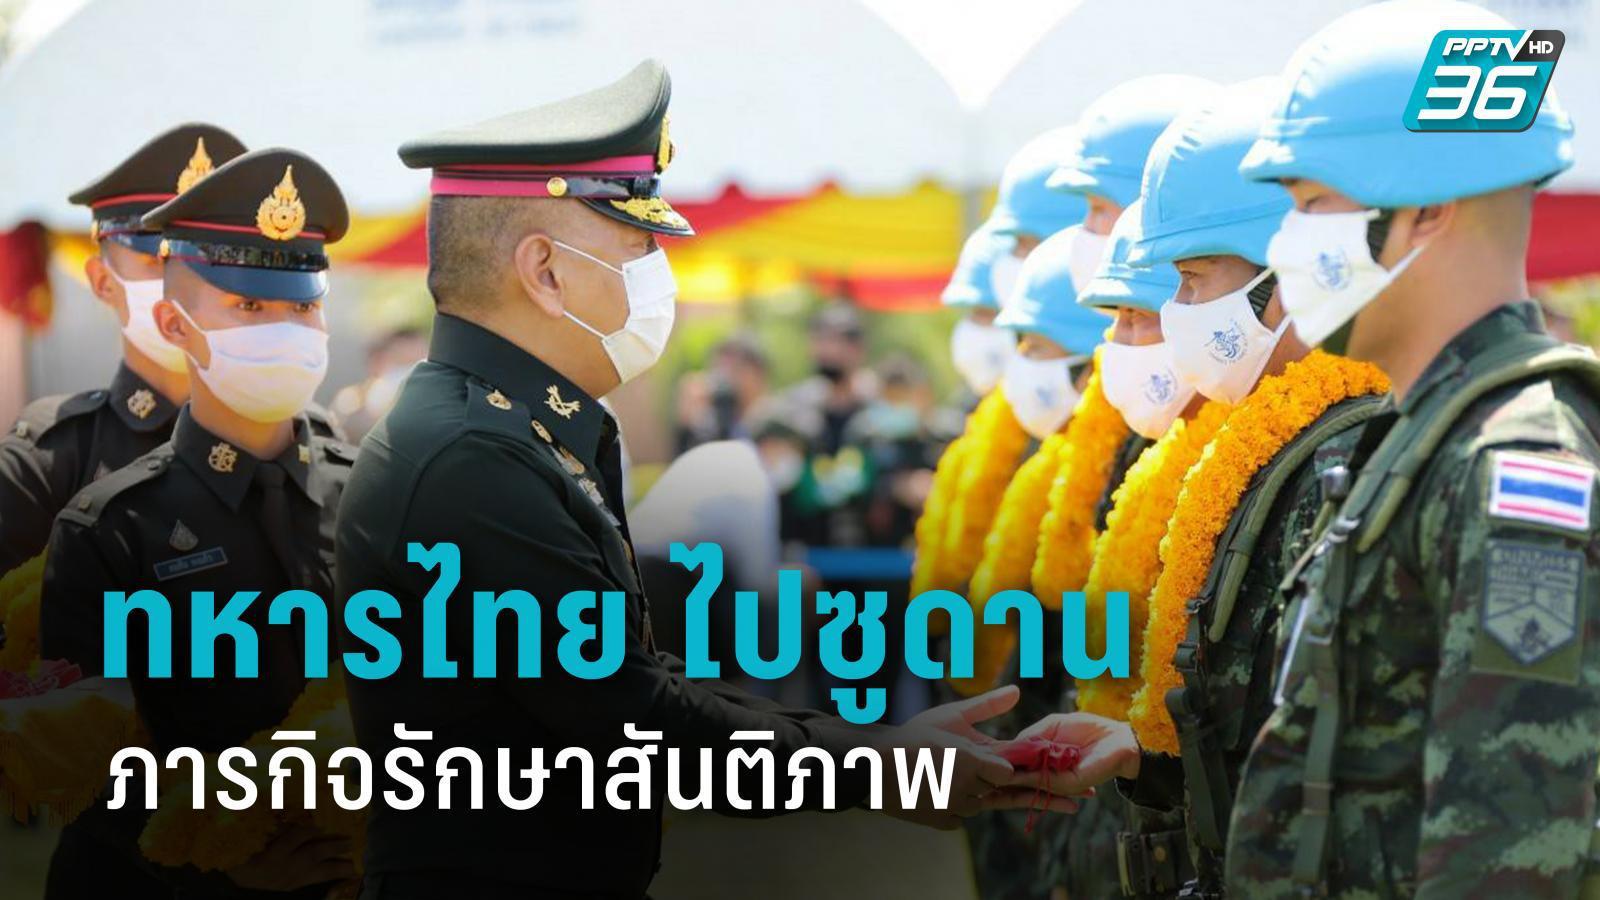 """ส่ง """"ทหารไทย"""" 273 นาย ไปซูดาน ผลัดที่ 2 ปฏิบัติภารกิจรักษาสันติภาพ"""